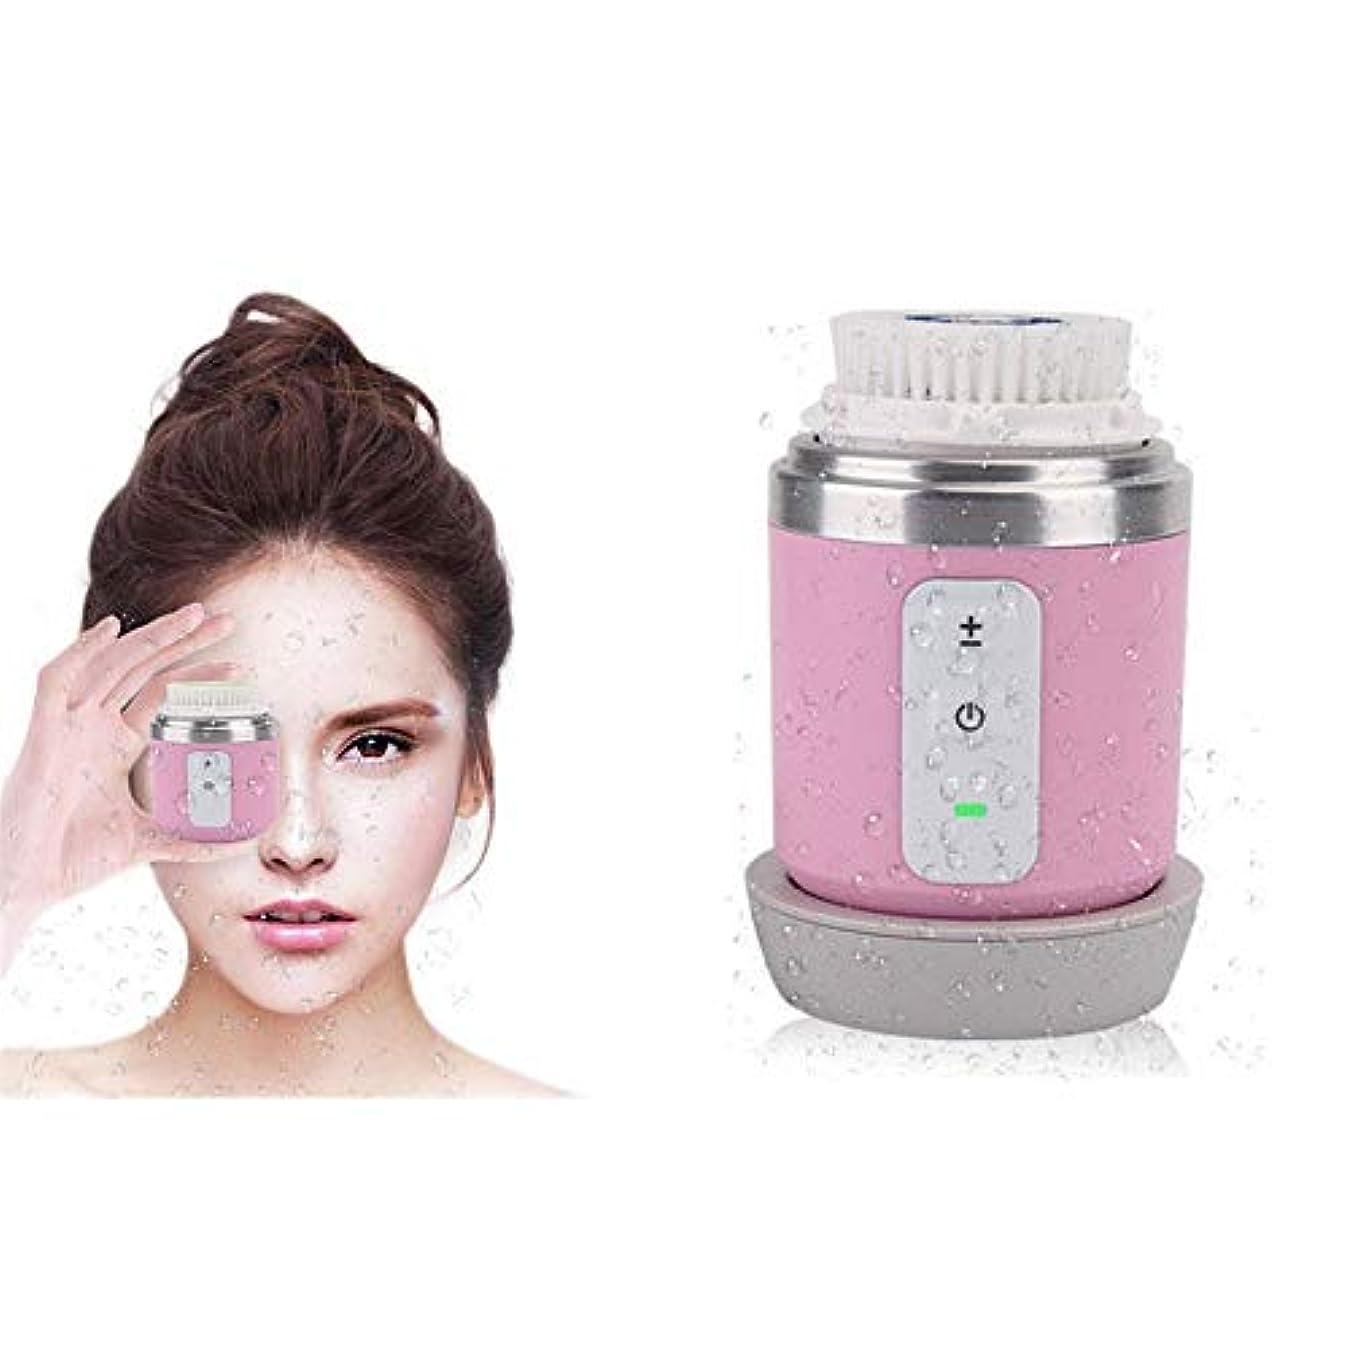 ピラミッド迷彩マーベルフェイシャル?クレンザーブラシ、電動洗顔ブラシ、エクスフォリエイティングとブラックヘッドのためにブラックヘッドシリコーン美容インストゥルメントアプライアンスに防水クレンジング器振動クリーナー毛穴